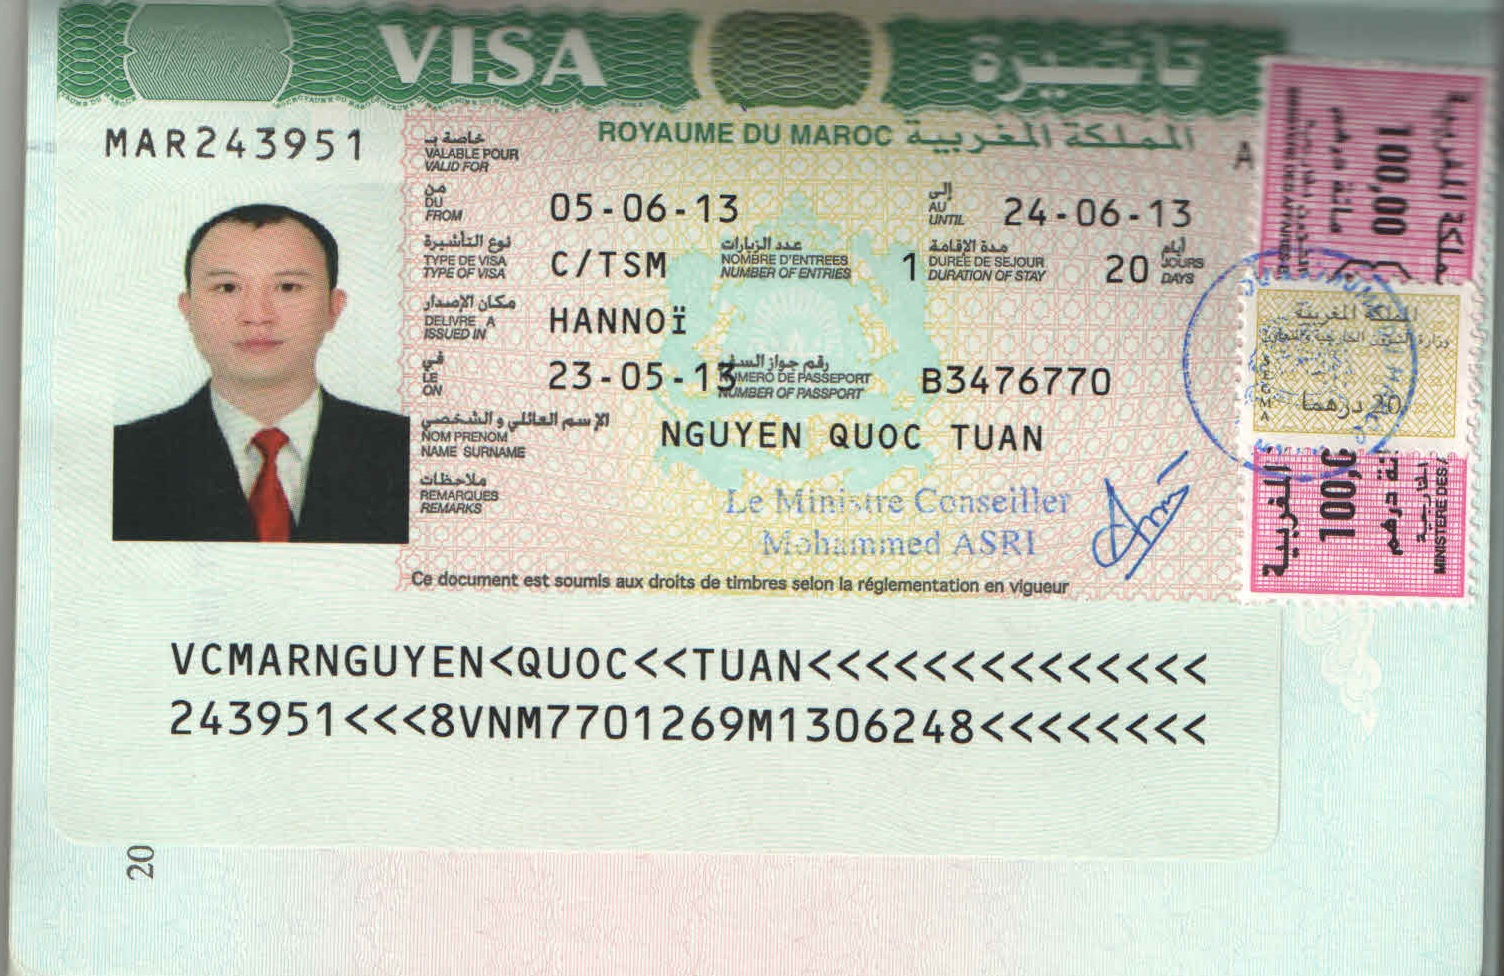 Hồ sơ xin Visa Maroc dành cho người đi tự túc